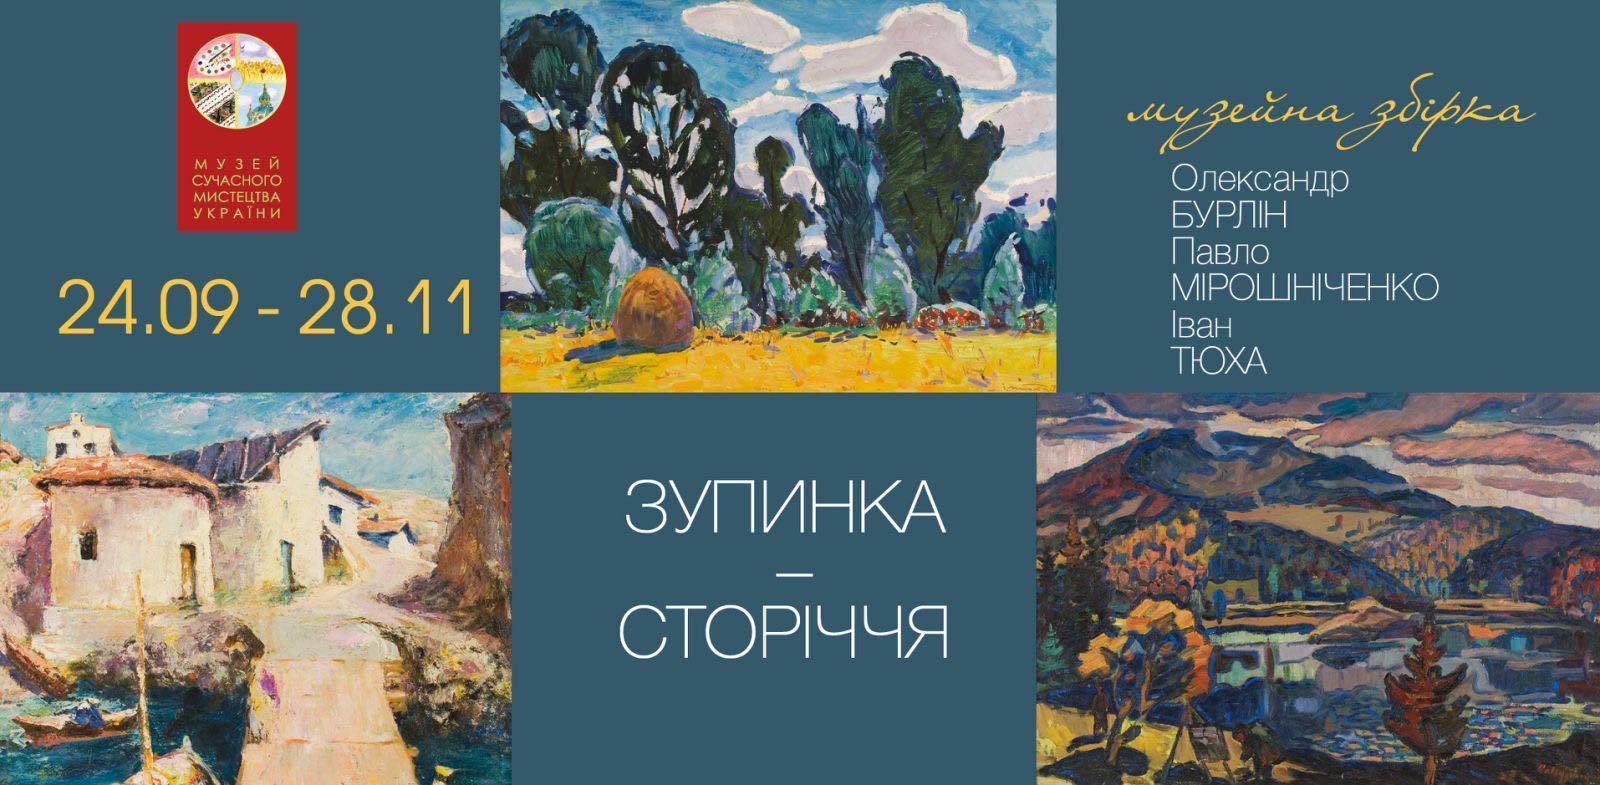 «Зупинка-Сторіччя» в Музеї сучасного мистецтва України